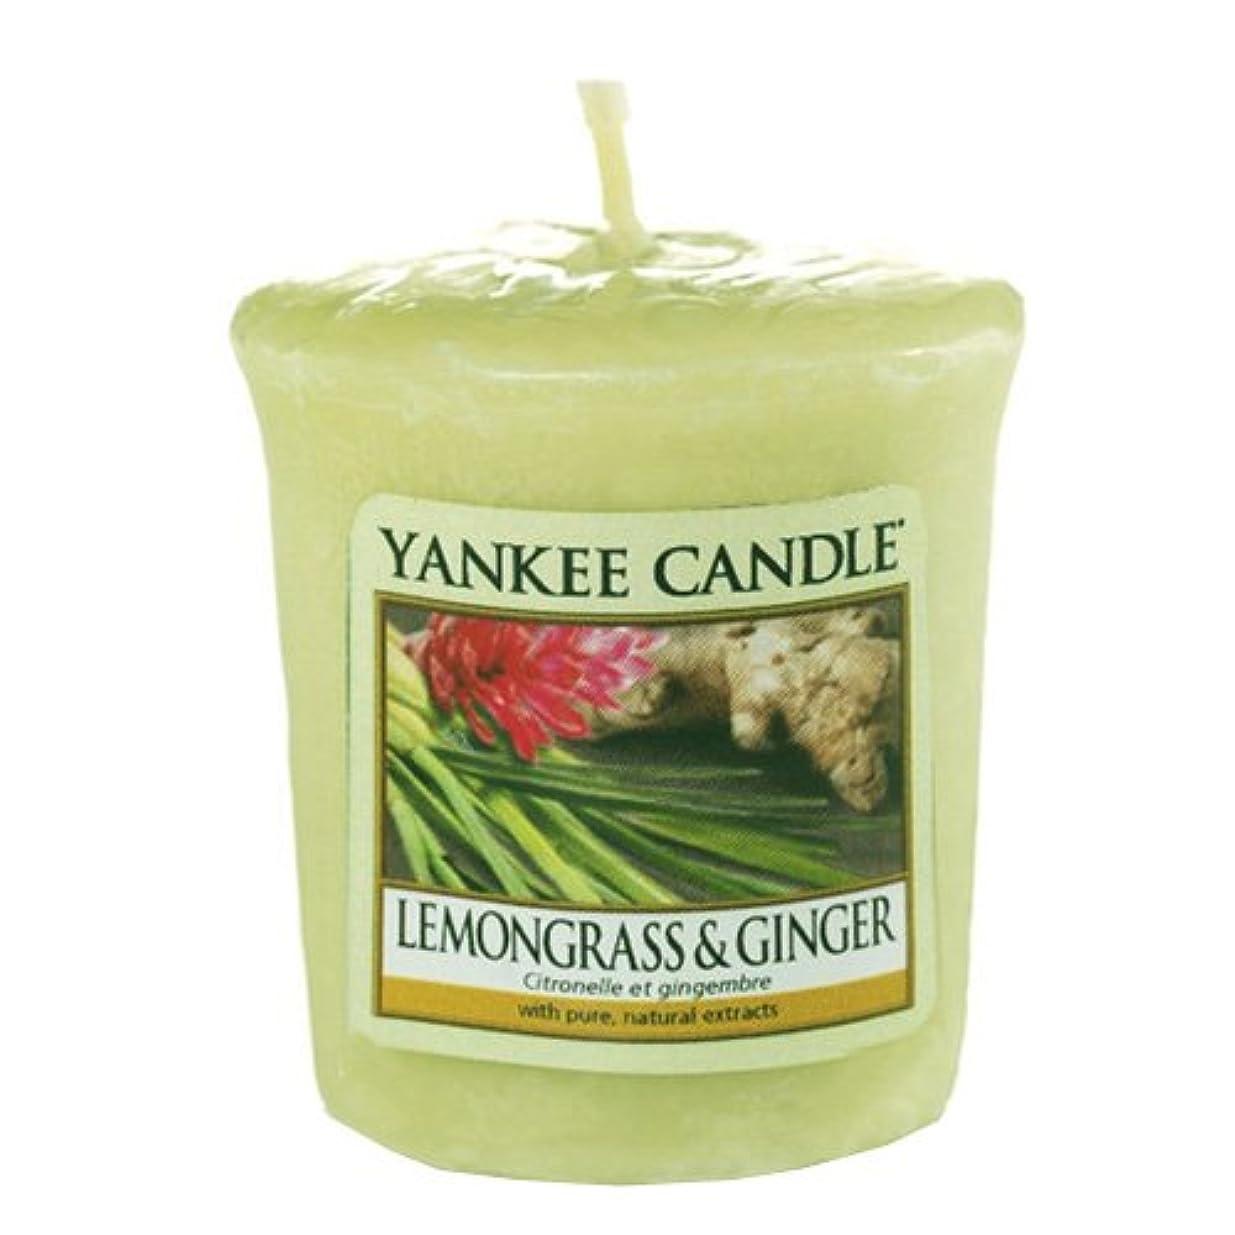 Yankee Candle 5038580070309 灯明 レモングラス&ジンジャー YVLG ワンサイズ